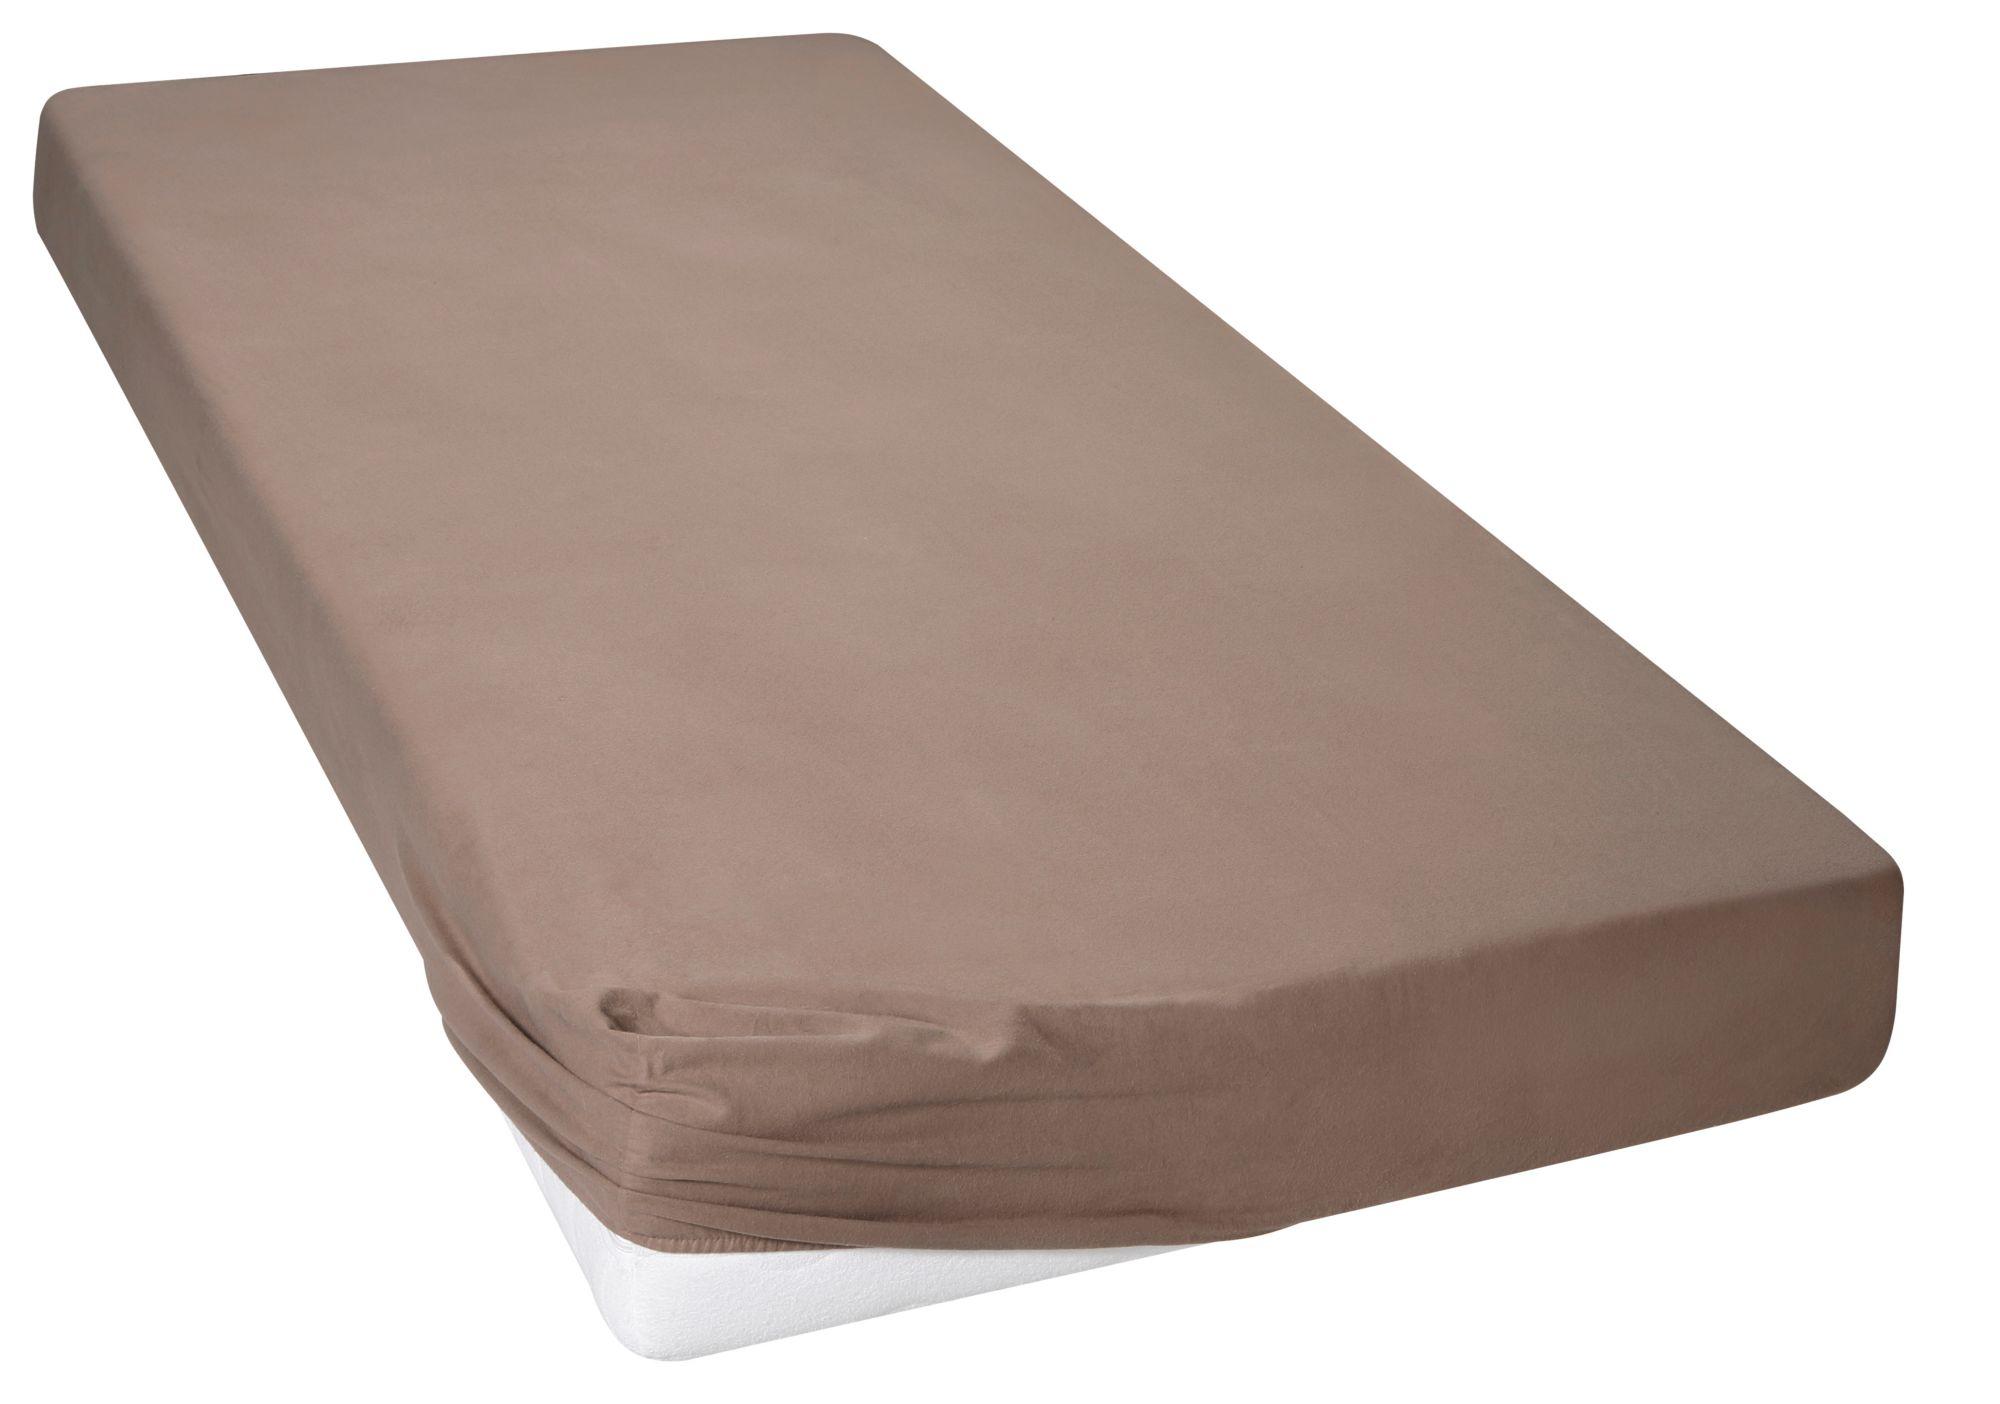 biber spannbettlaken g nstig online kaufen beim schwab versand. Black Bedroom Furniture Sets. Home Design Ideas